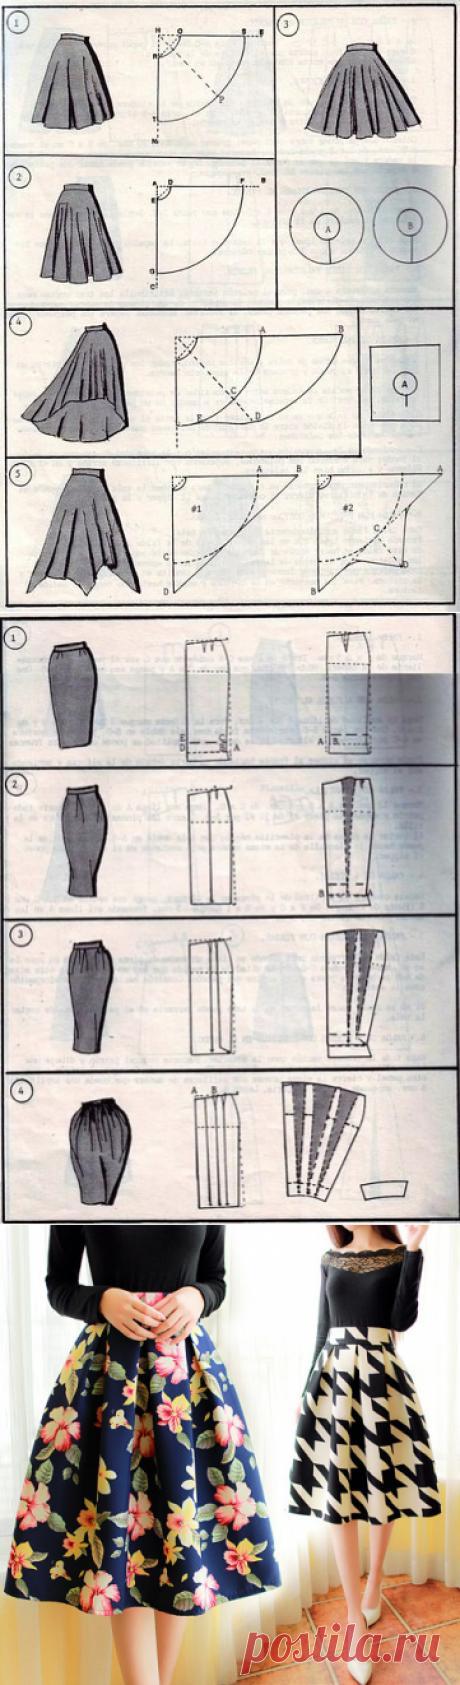 37 способов сшить юбку. Идеи, выкройки.